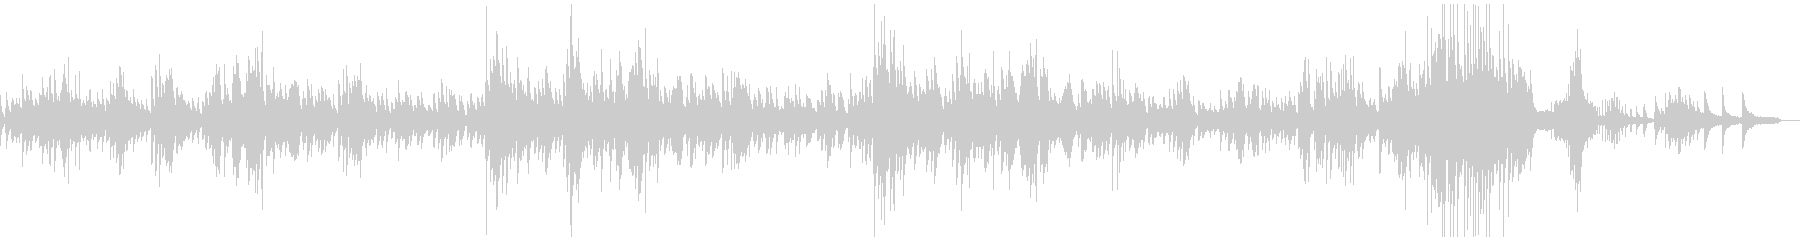 ショパンのノクターン2番原曲の未再生の波形